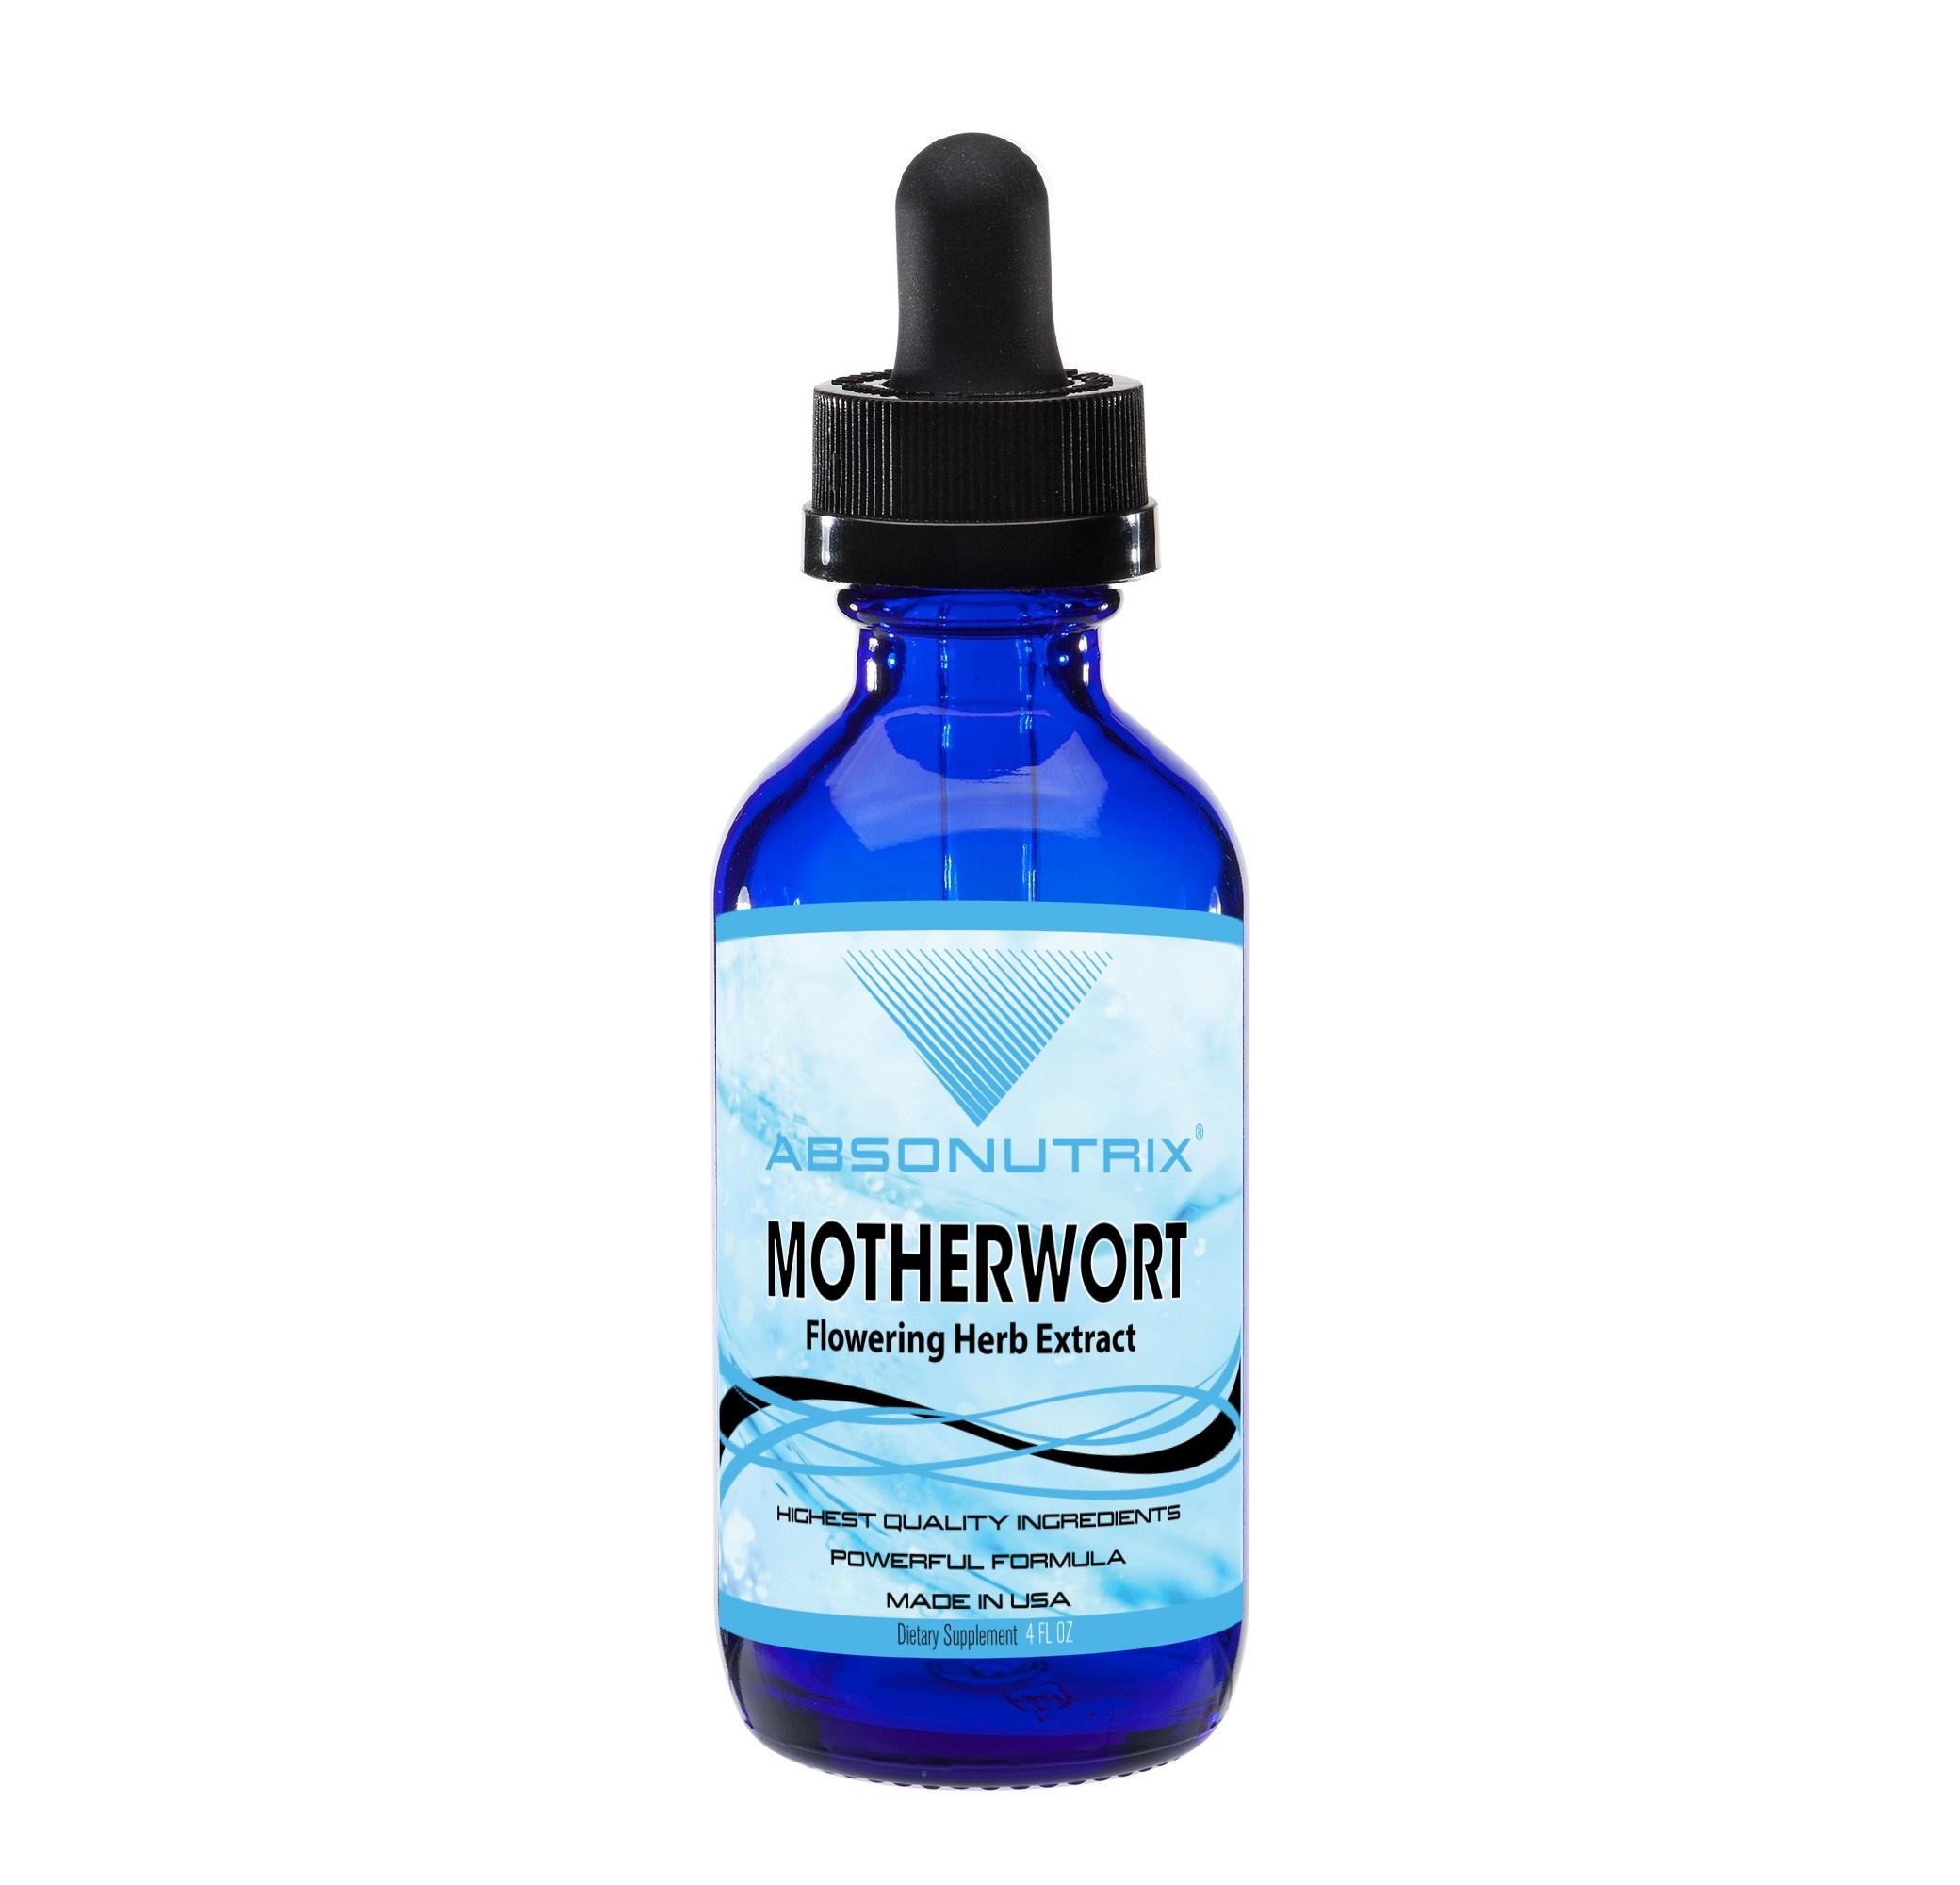 Absonutrix Motherwort Flowering Herb Extract | 4 oz Big Bottle 120 Days Supply